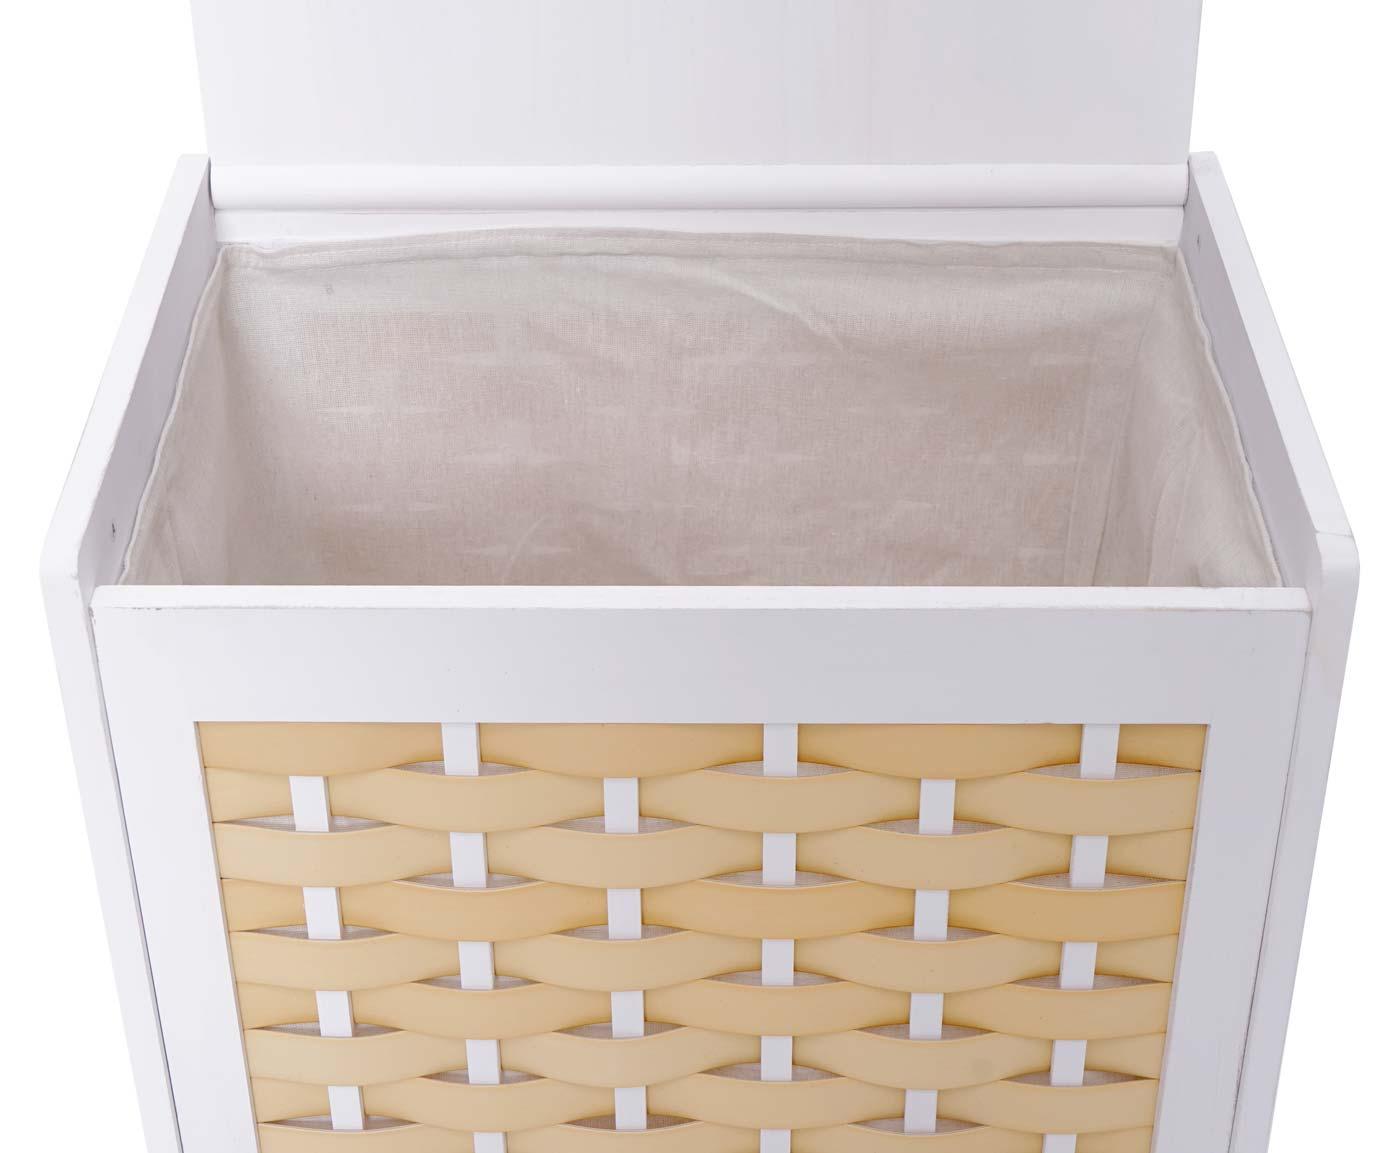 Set Paravent + Wäschekorb HWC-G37 Detailansicht aufgeklappter Deckel